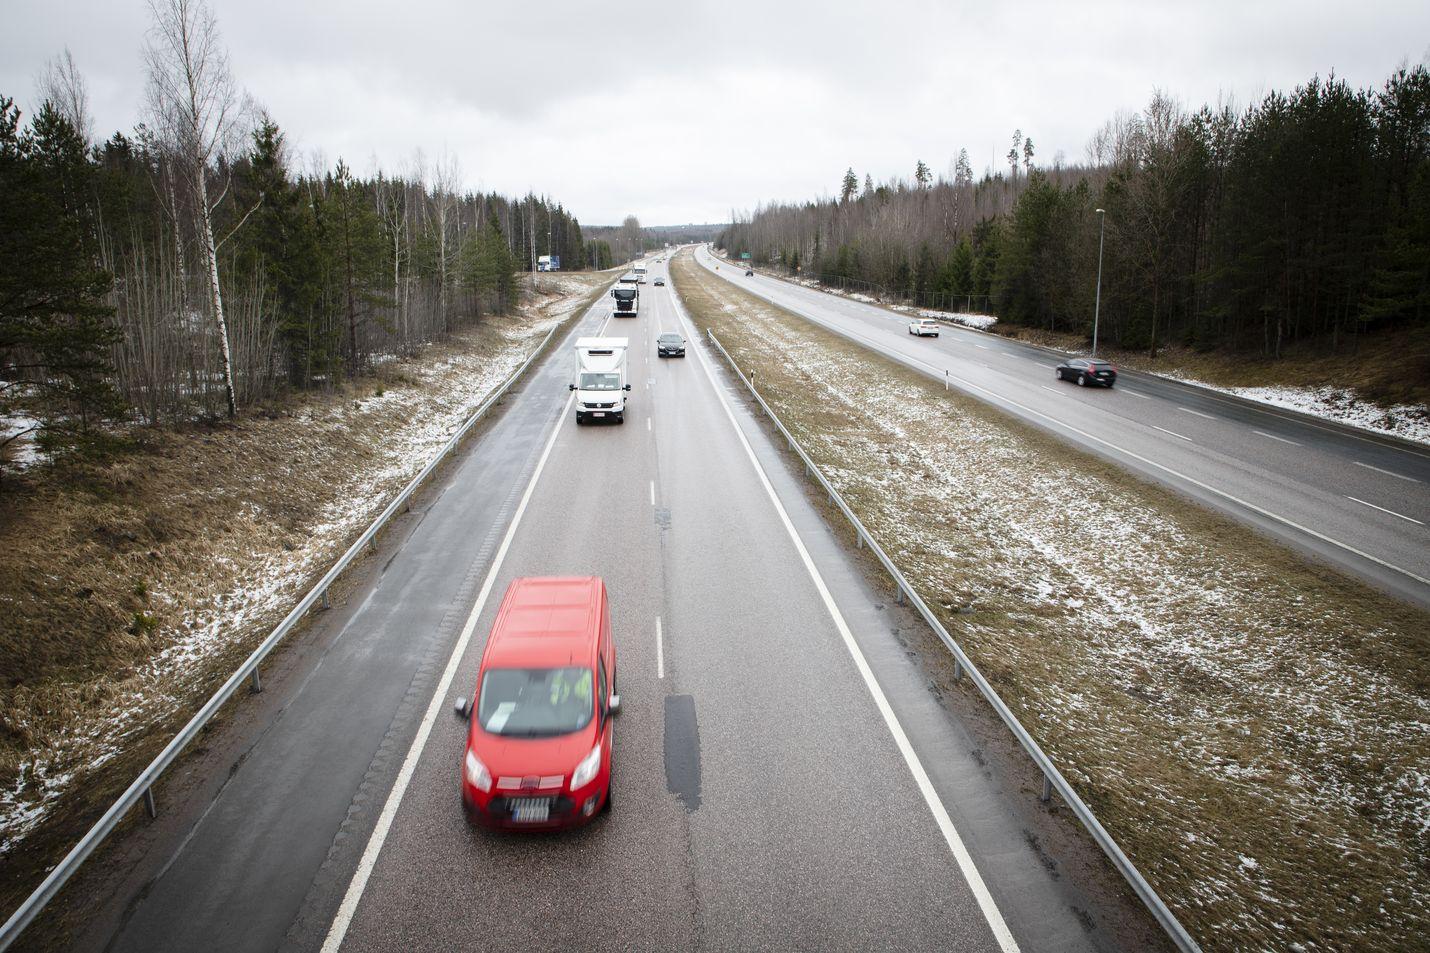 Kansainvälisen tutkijaryhmän arvion mukaan maa- ja meriliikenteen päiväkohtaiset päästöt vähenivät koronakeväänä Suomessa enimmillään 38 prosenttia. Liikenteen osuus koko maan päästöistä on kuitenkin pienempi kuin esimerkiksi Ruotsissa.